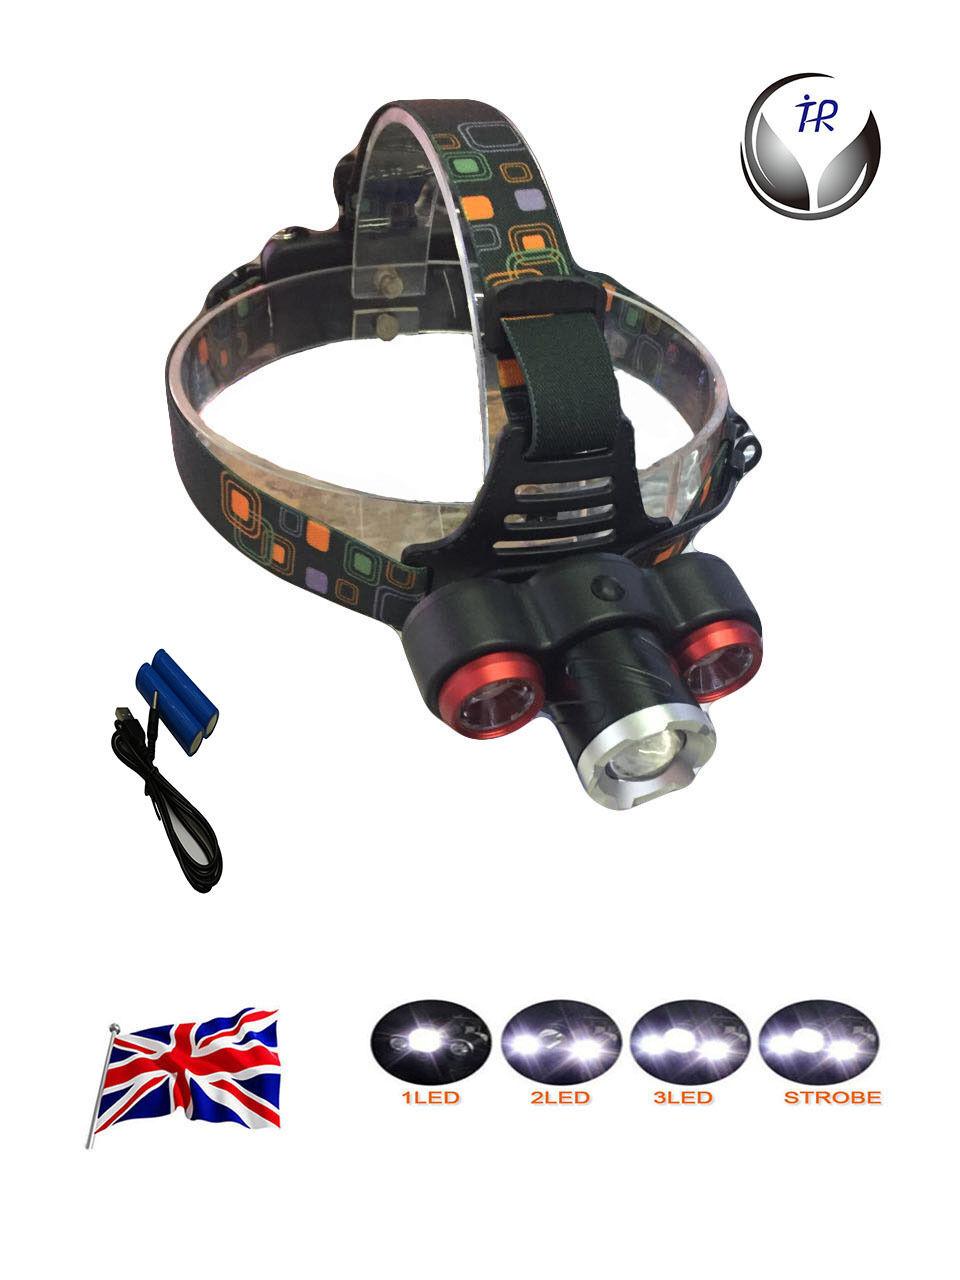 New led headlight torch 5000 lm 3x cree xm-l T6 headlamp head light lampuk stock